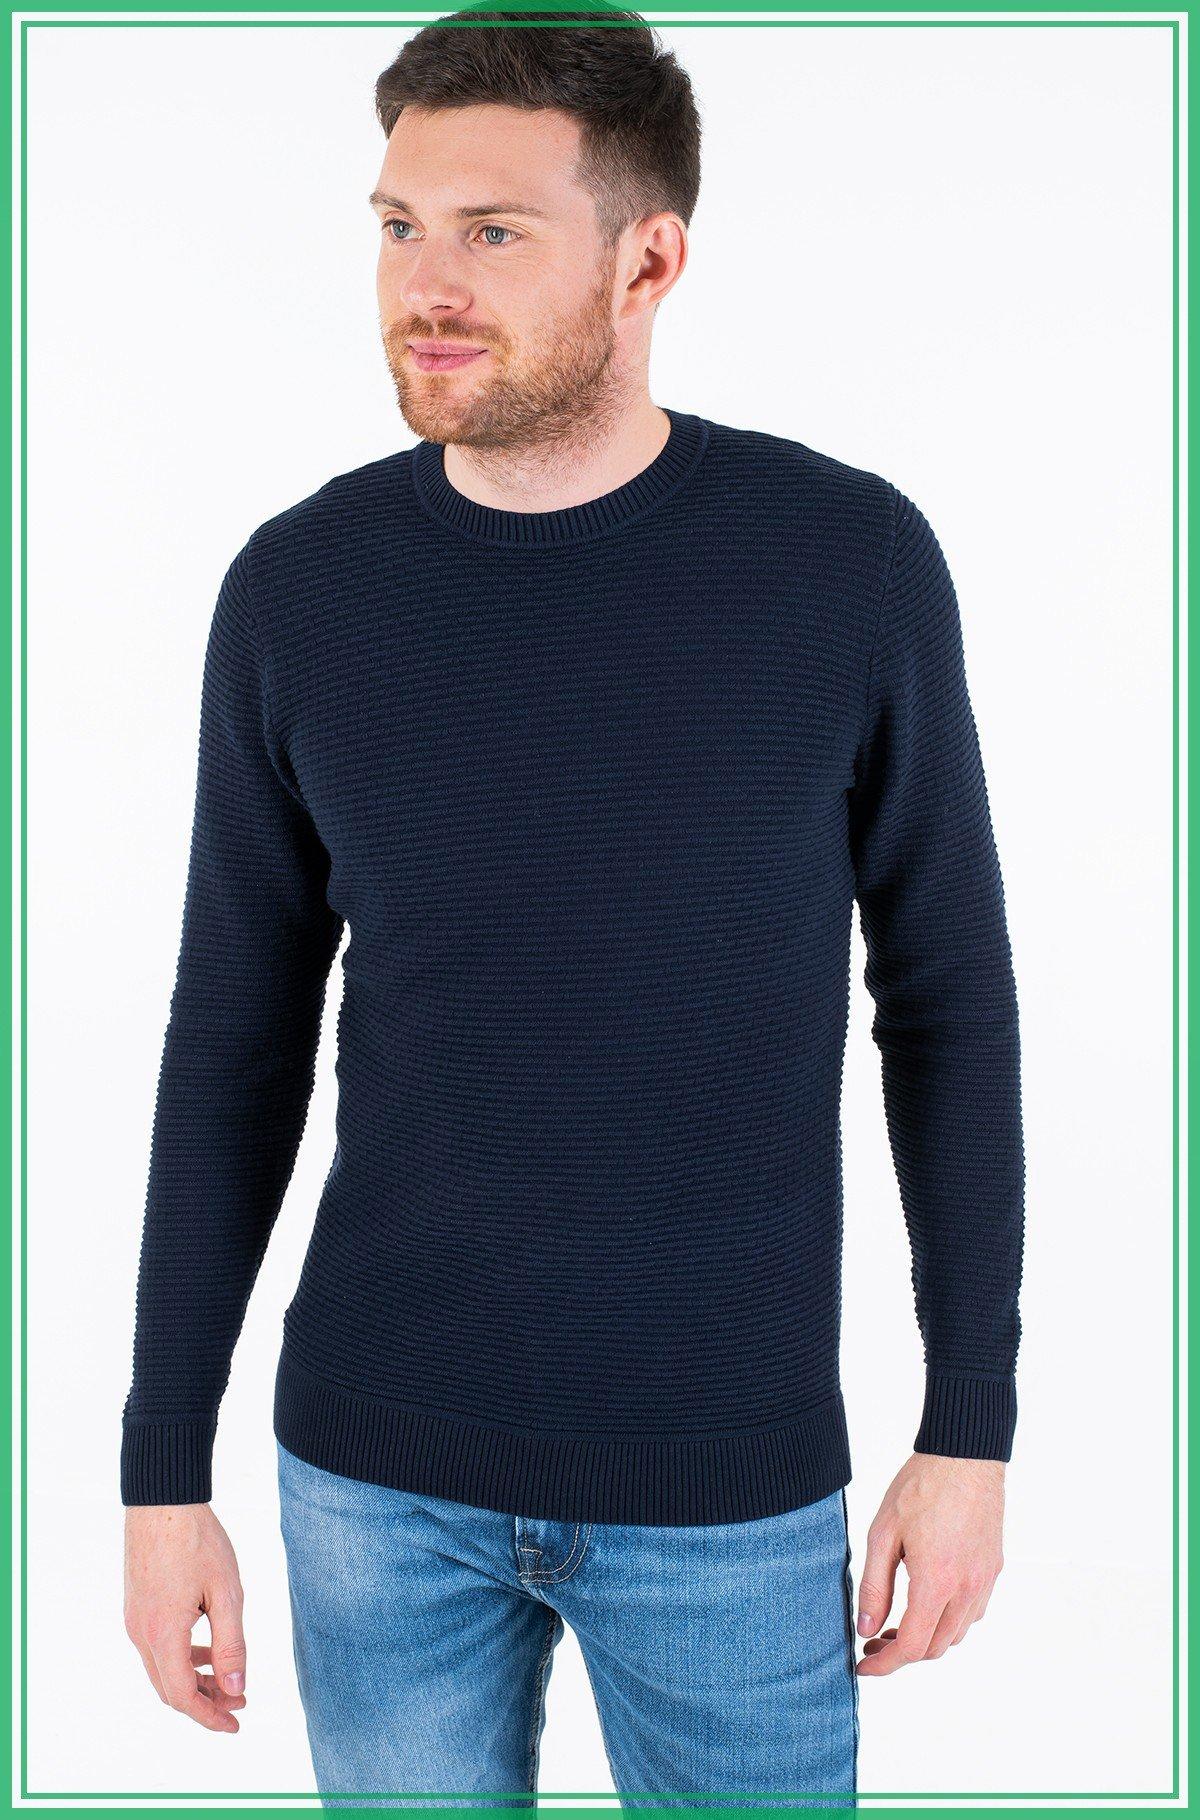 Knitwear 1021445-full-1